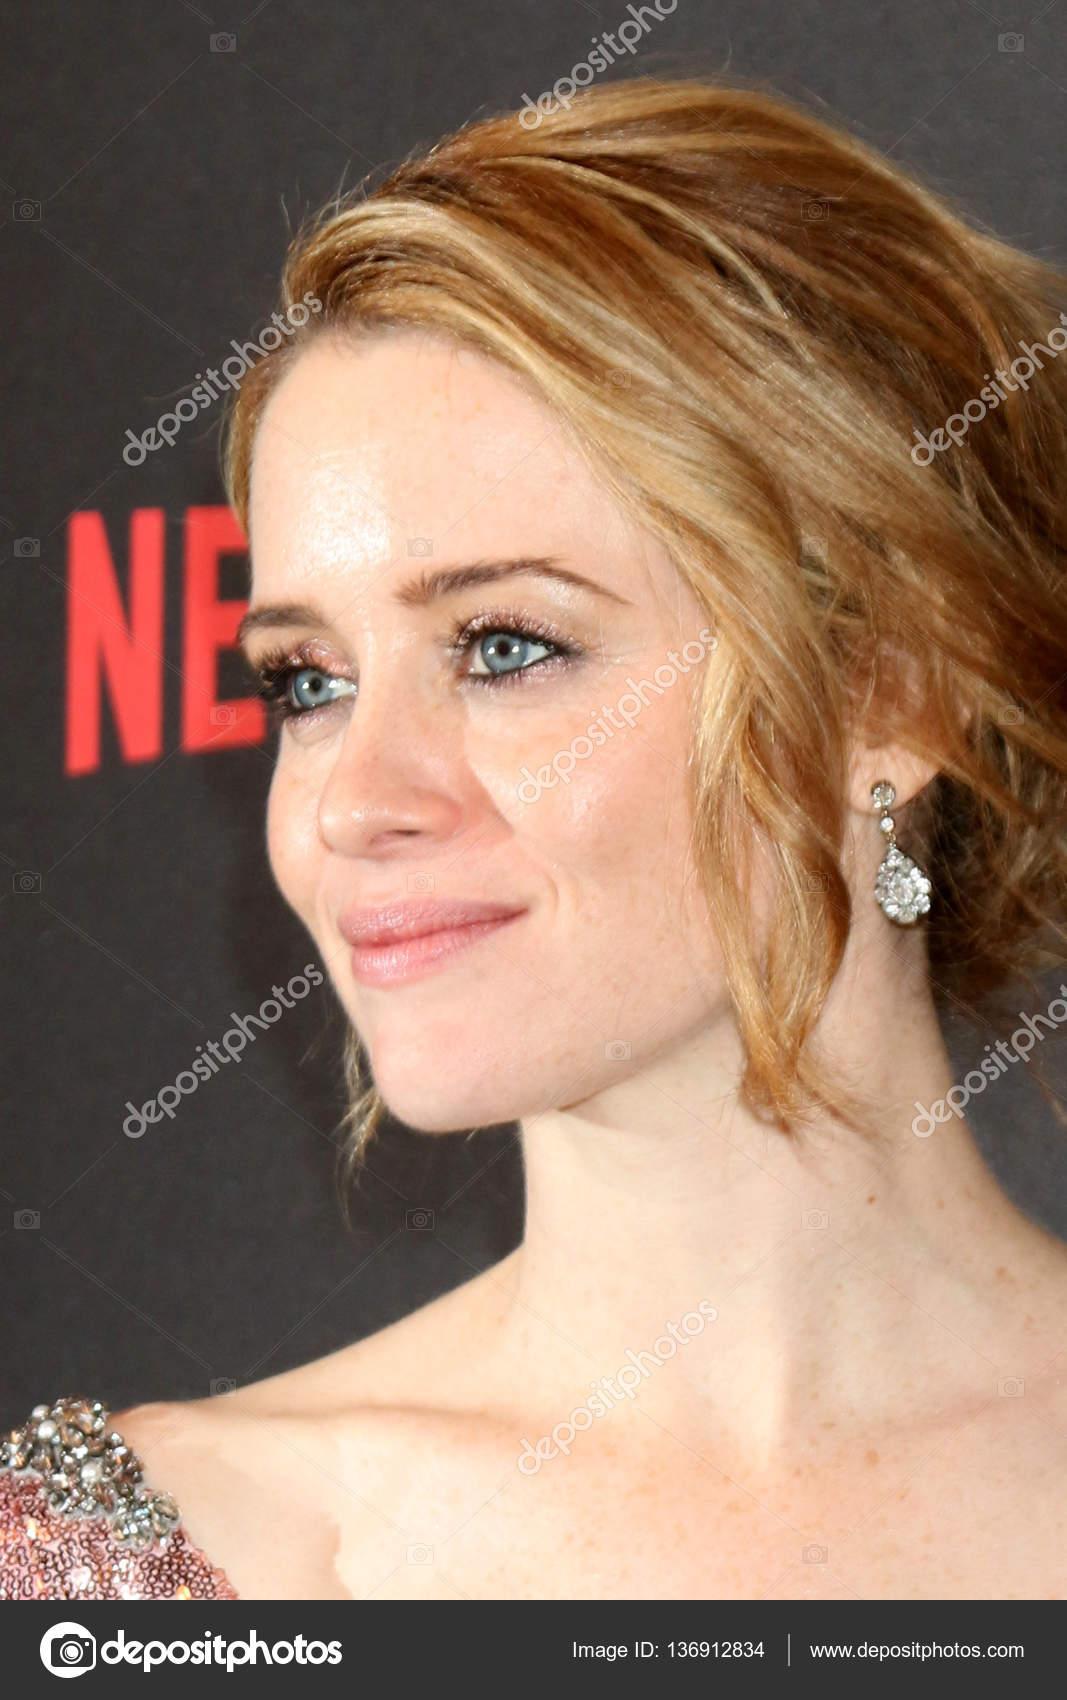 https://st3.depositphotos.com/1694341/13691/i/1600/depositphotos_136912834-stock-photo-actress-clare-foy.jpg